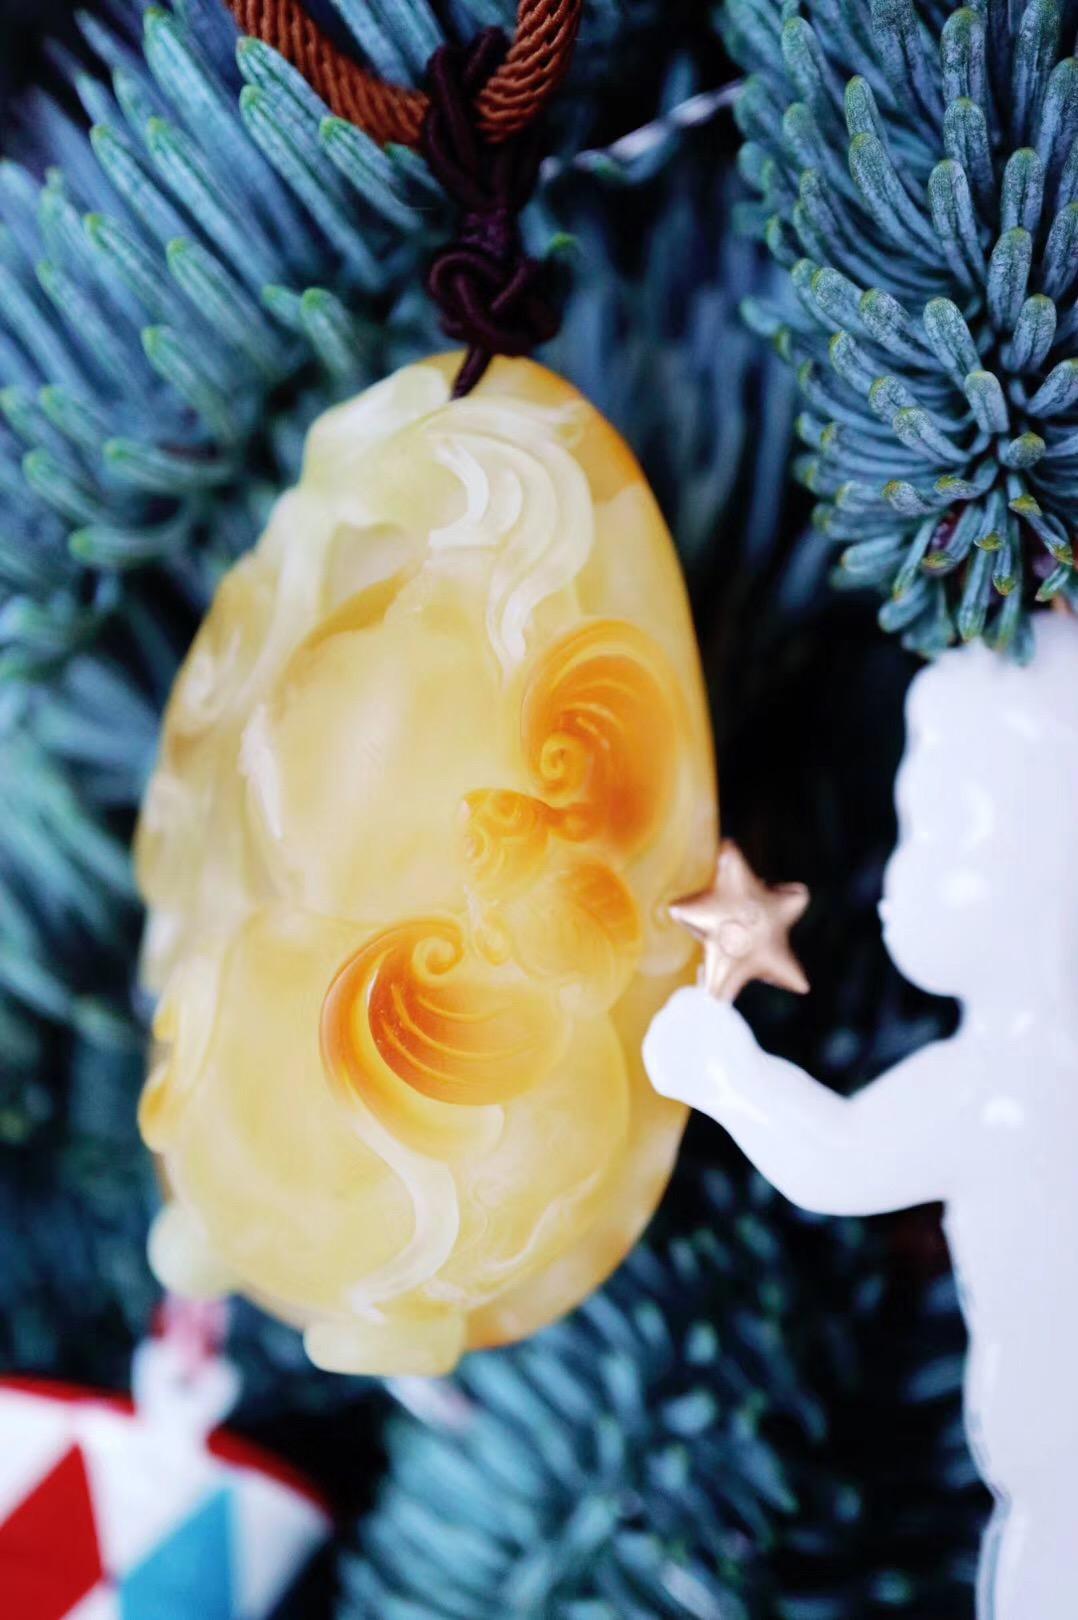 【菩心-葫芦(福在眼前)】愿新的一年,爱菩心的宝宝们,继续正能量满满-菩心晶舍